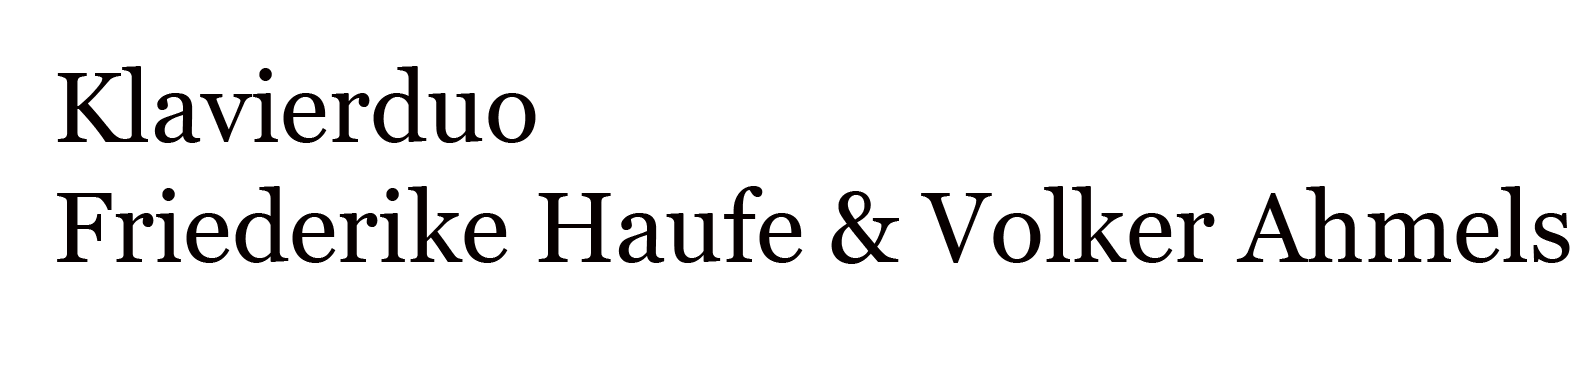 Klavierduo Friederike Haufe & Volker Ahmels